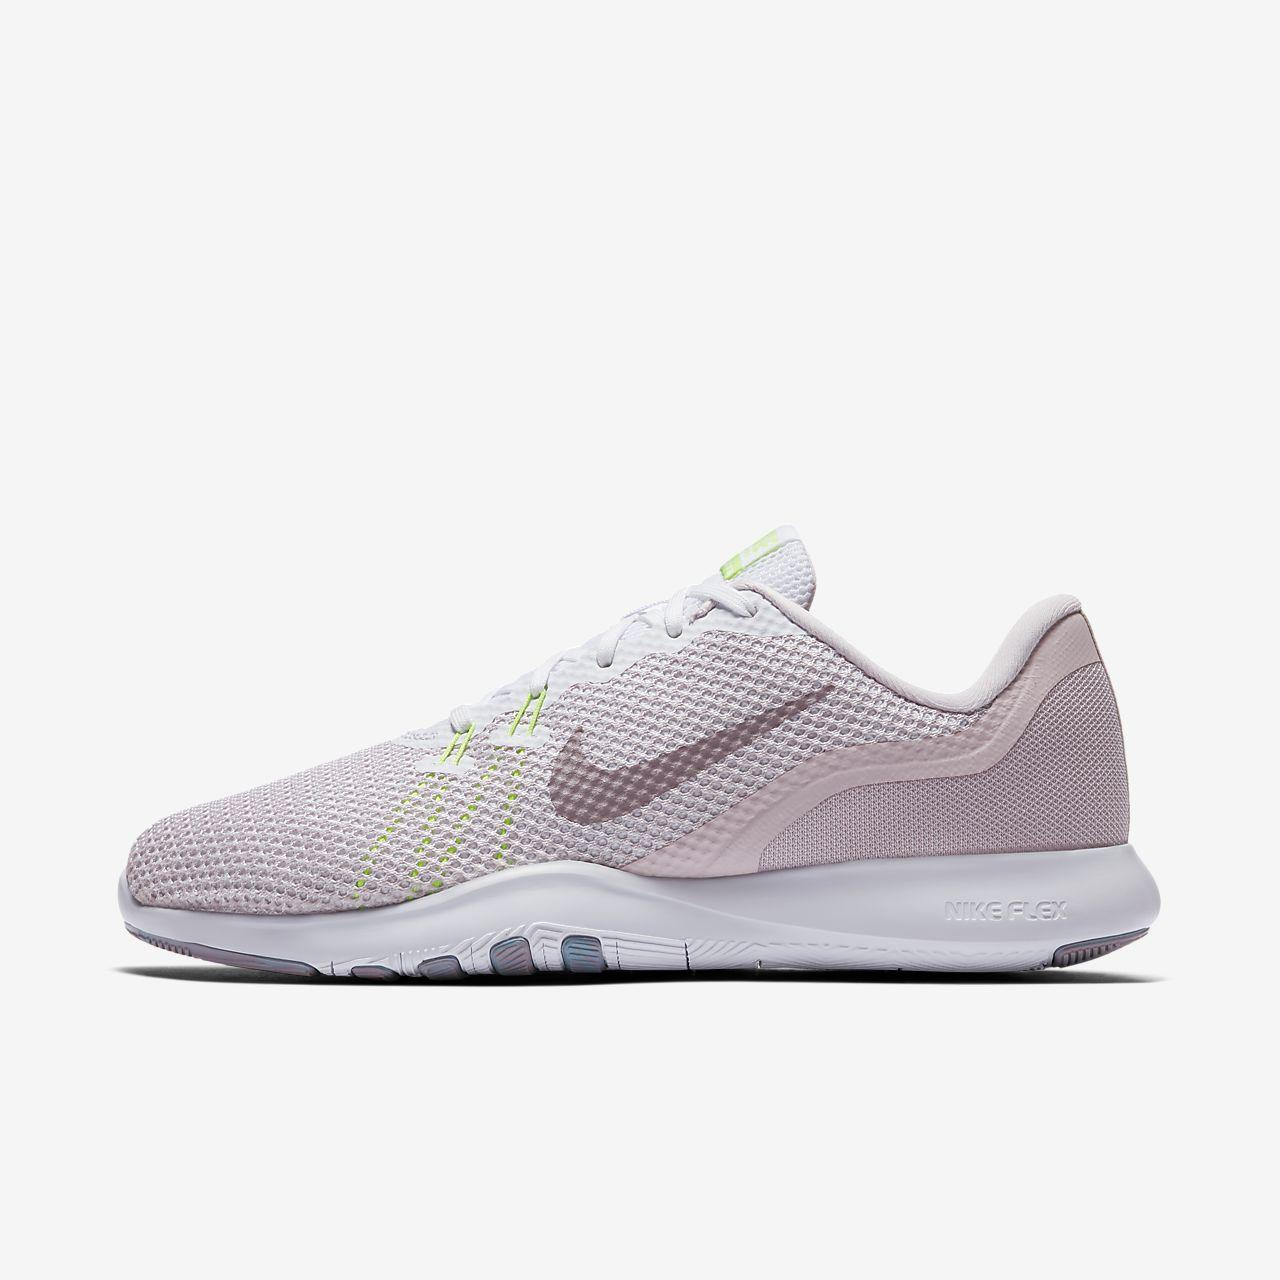 in stock e2cac 1289c ... Damskie buty na siłownię  do tańca  do aerobiku Nike Flex Trainer 7